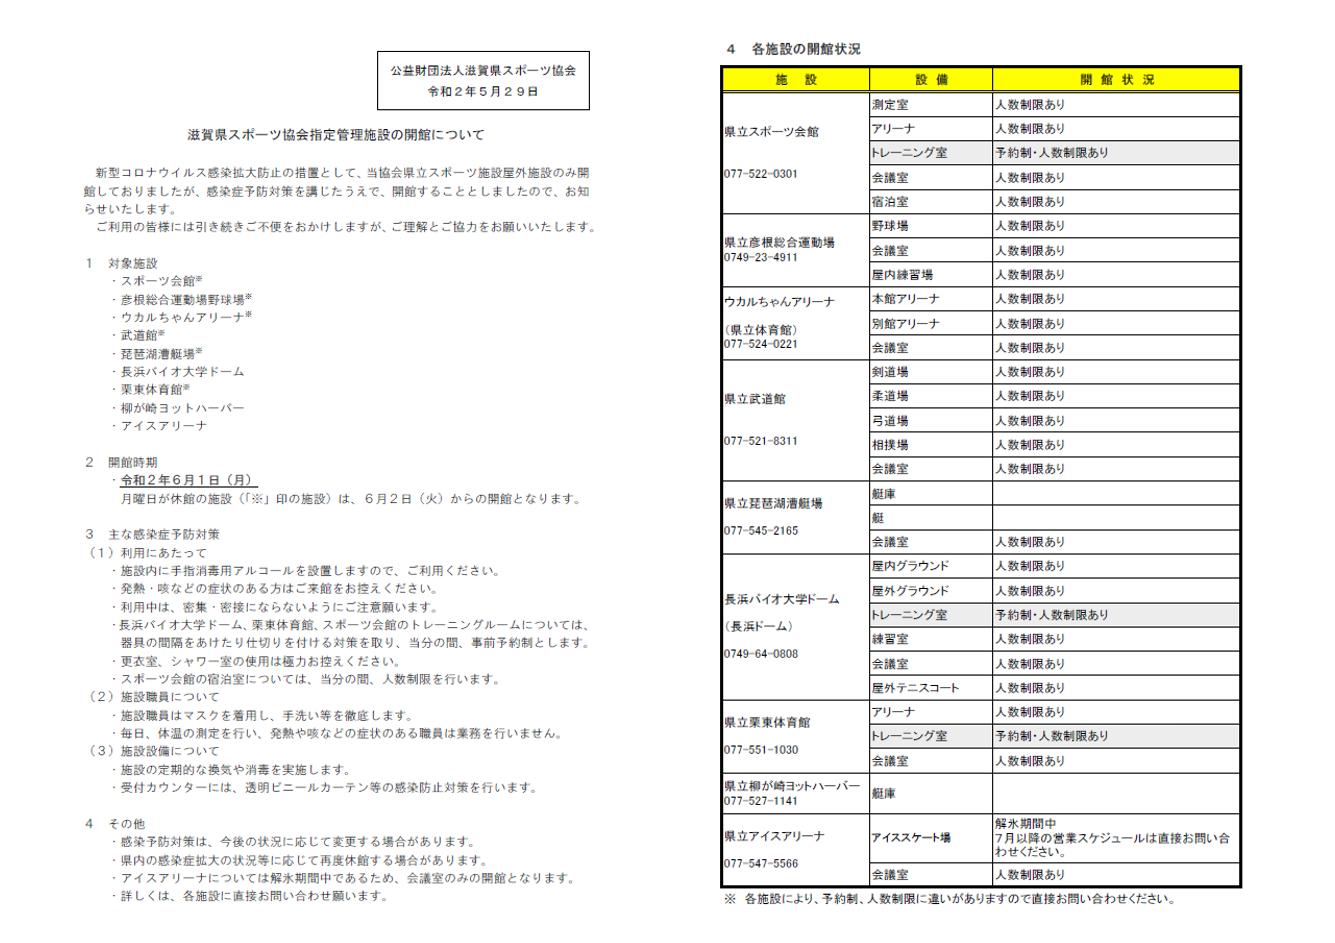 滋賀県スポーツ協会指定管理施設の開館について